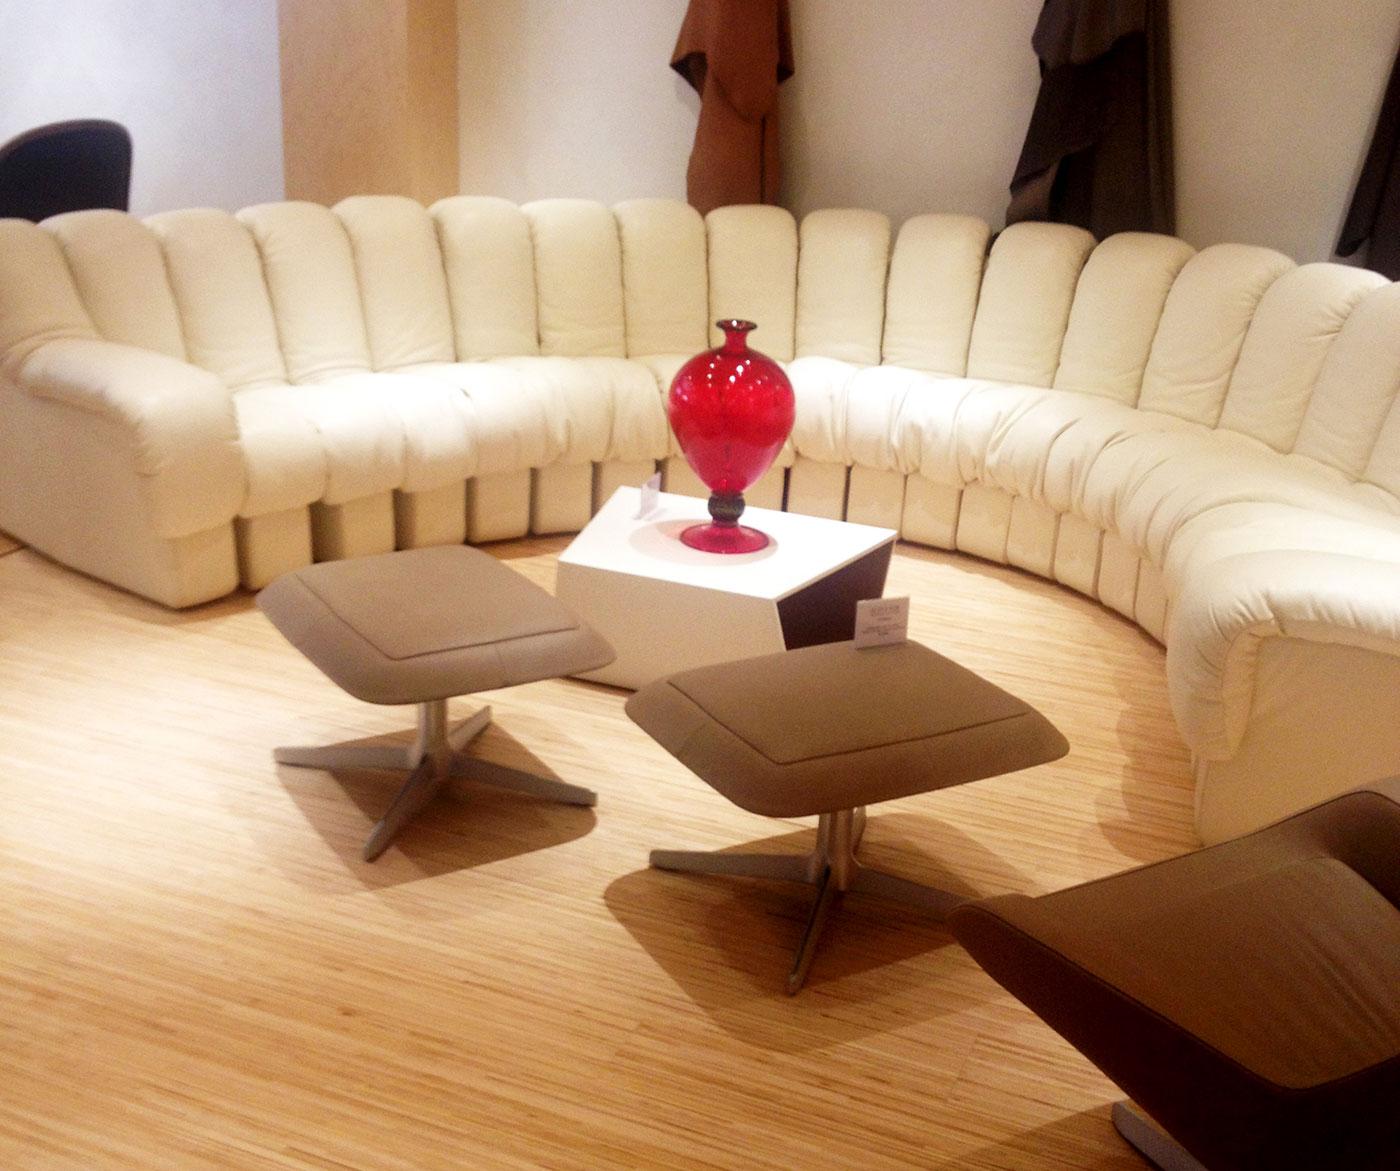 Obegi Home Furniture Desede8